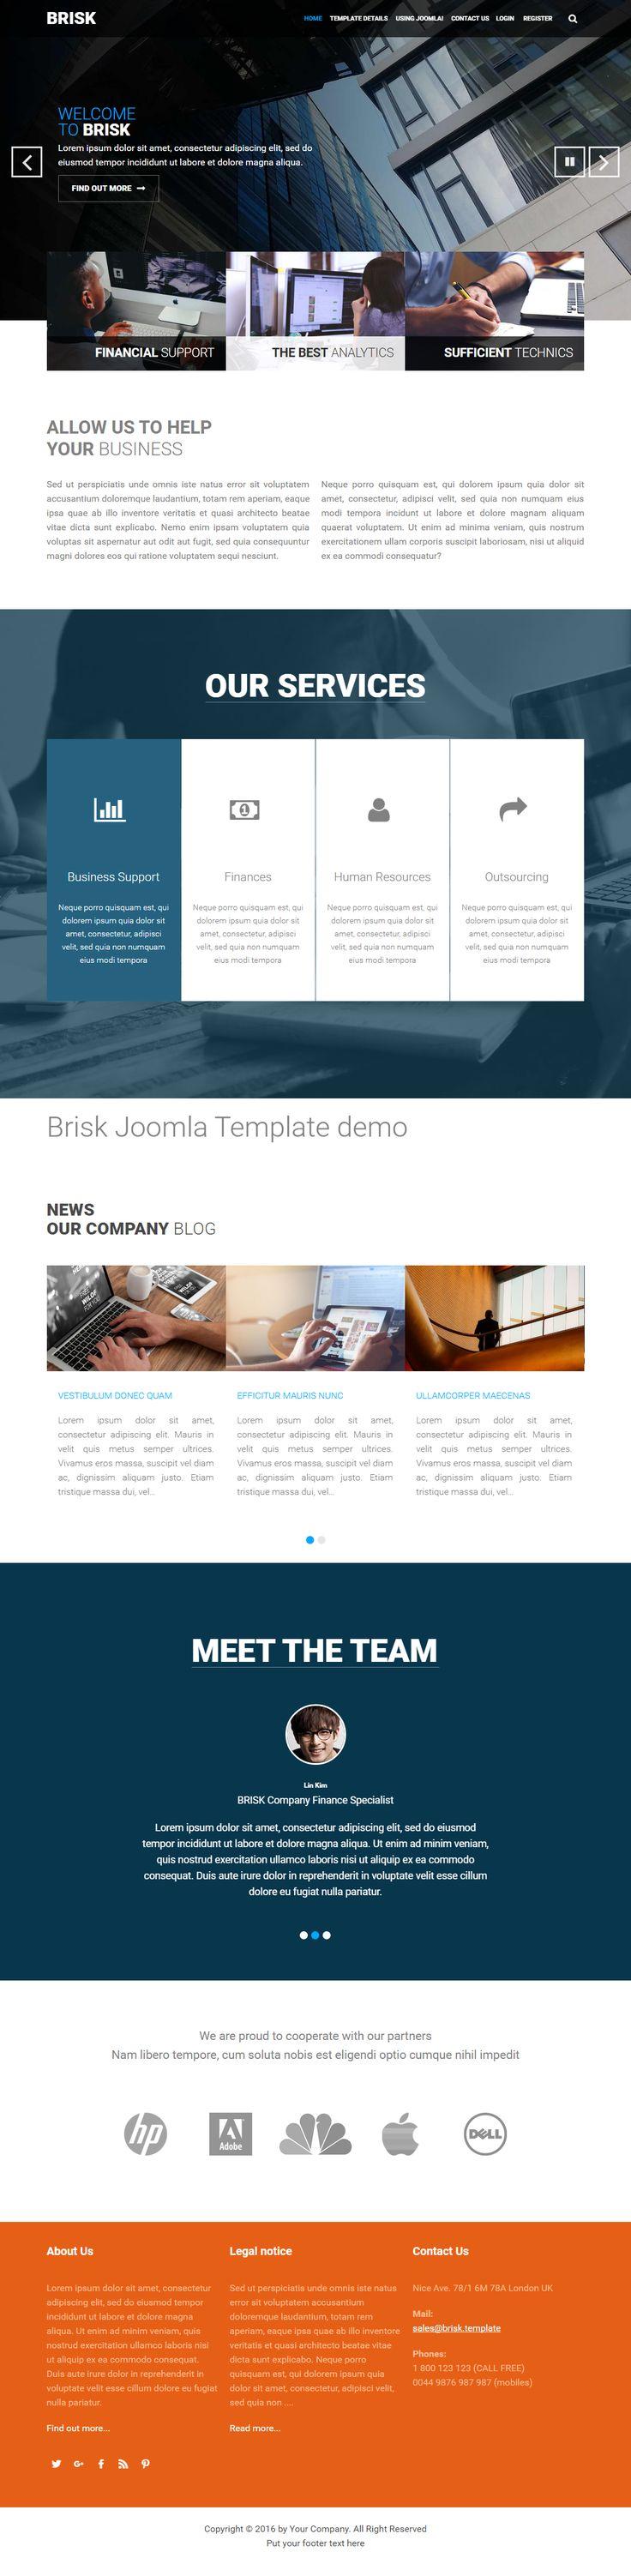 15 best web design images on pinterest website designs design web